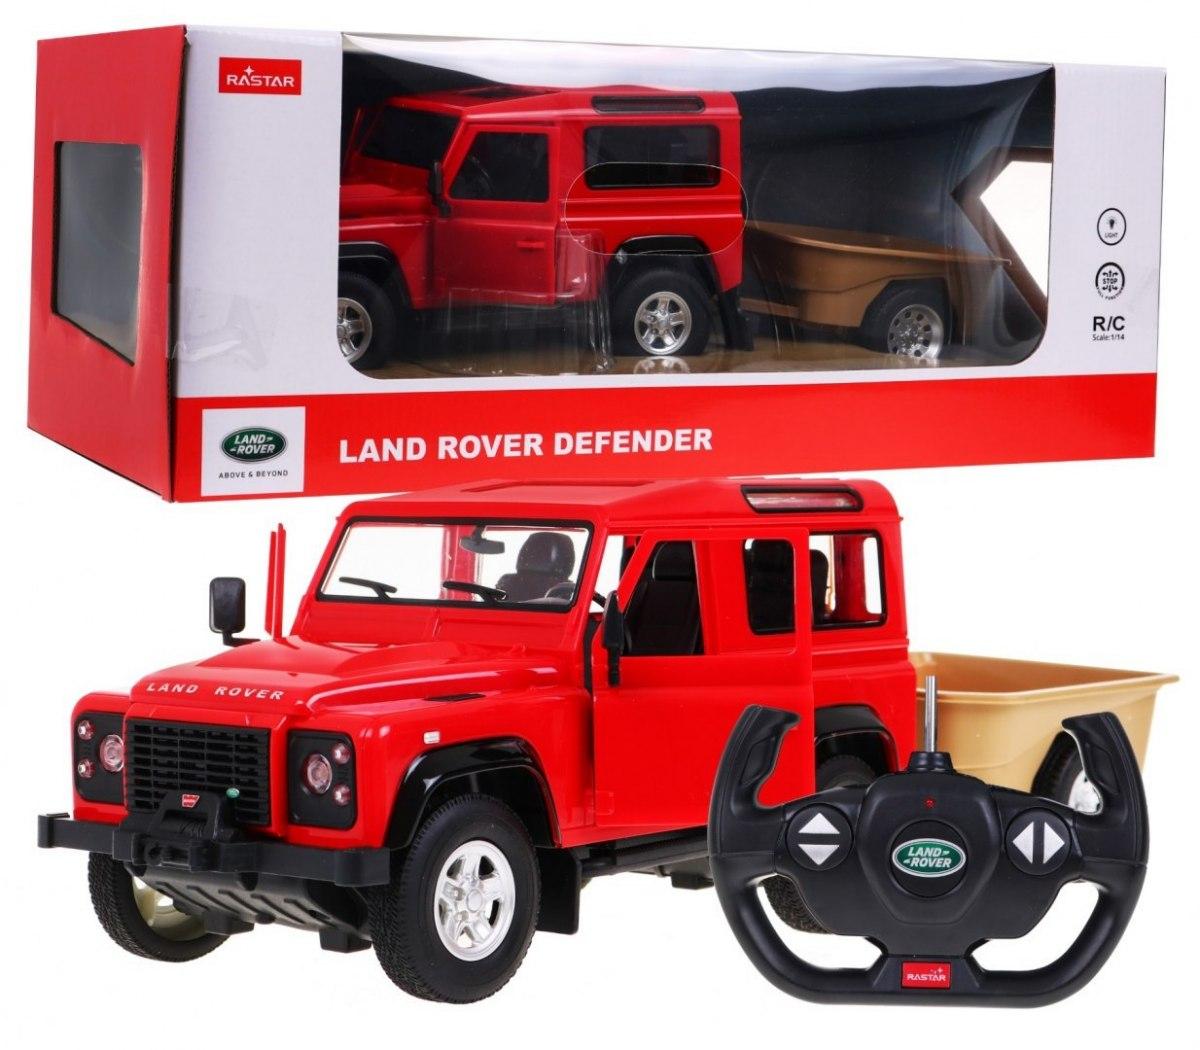 Rastar R/C Land Rover Defender na dálkové ovládání 1:14